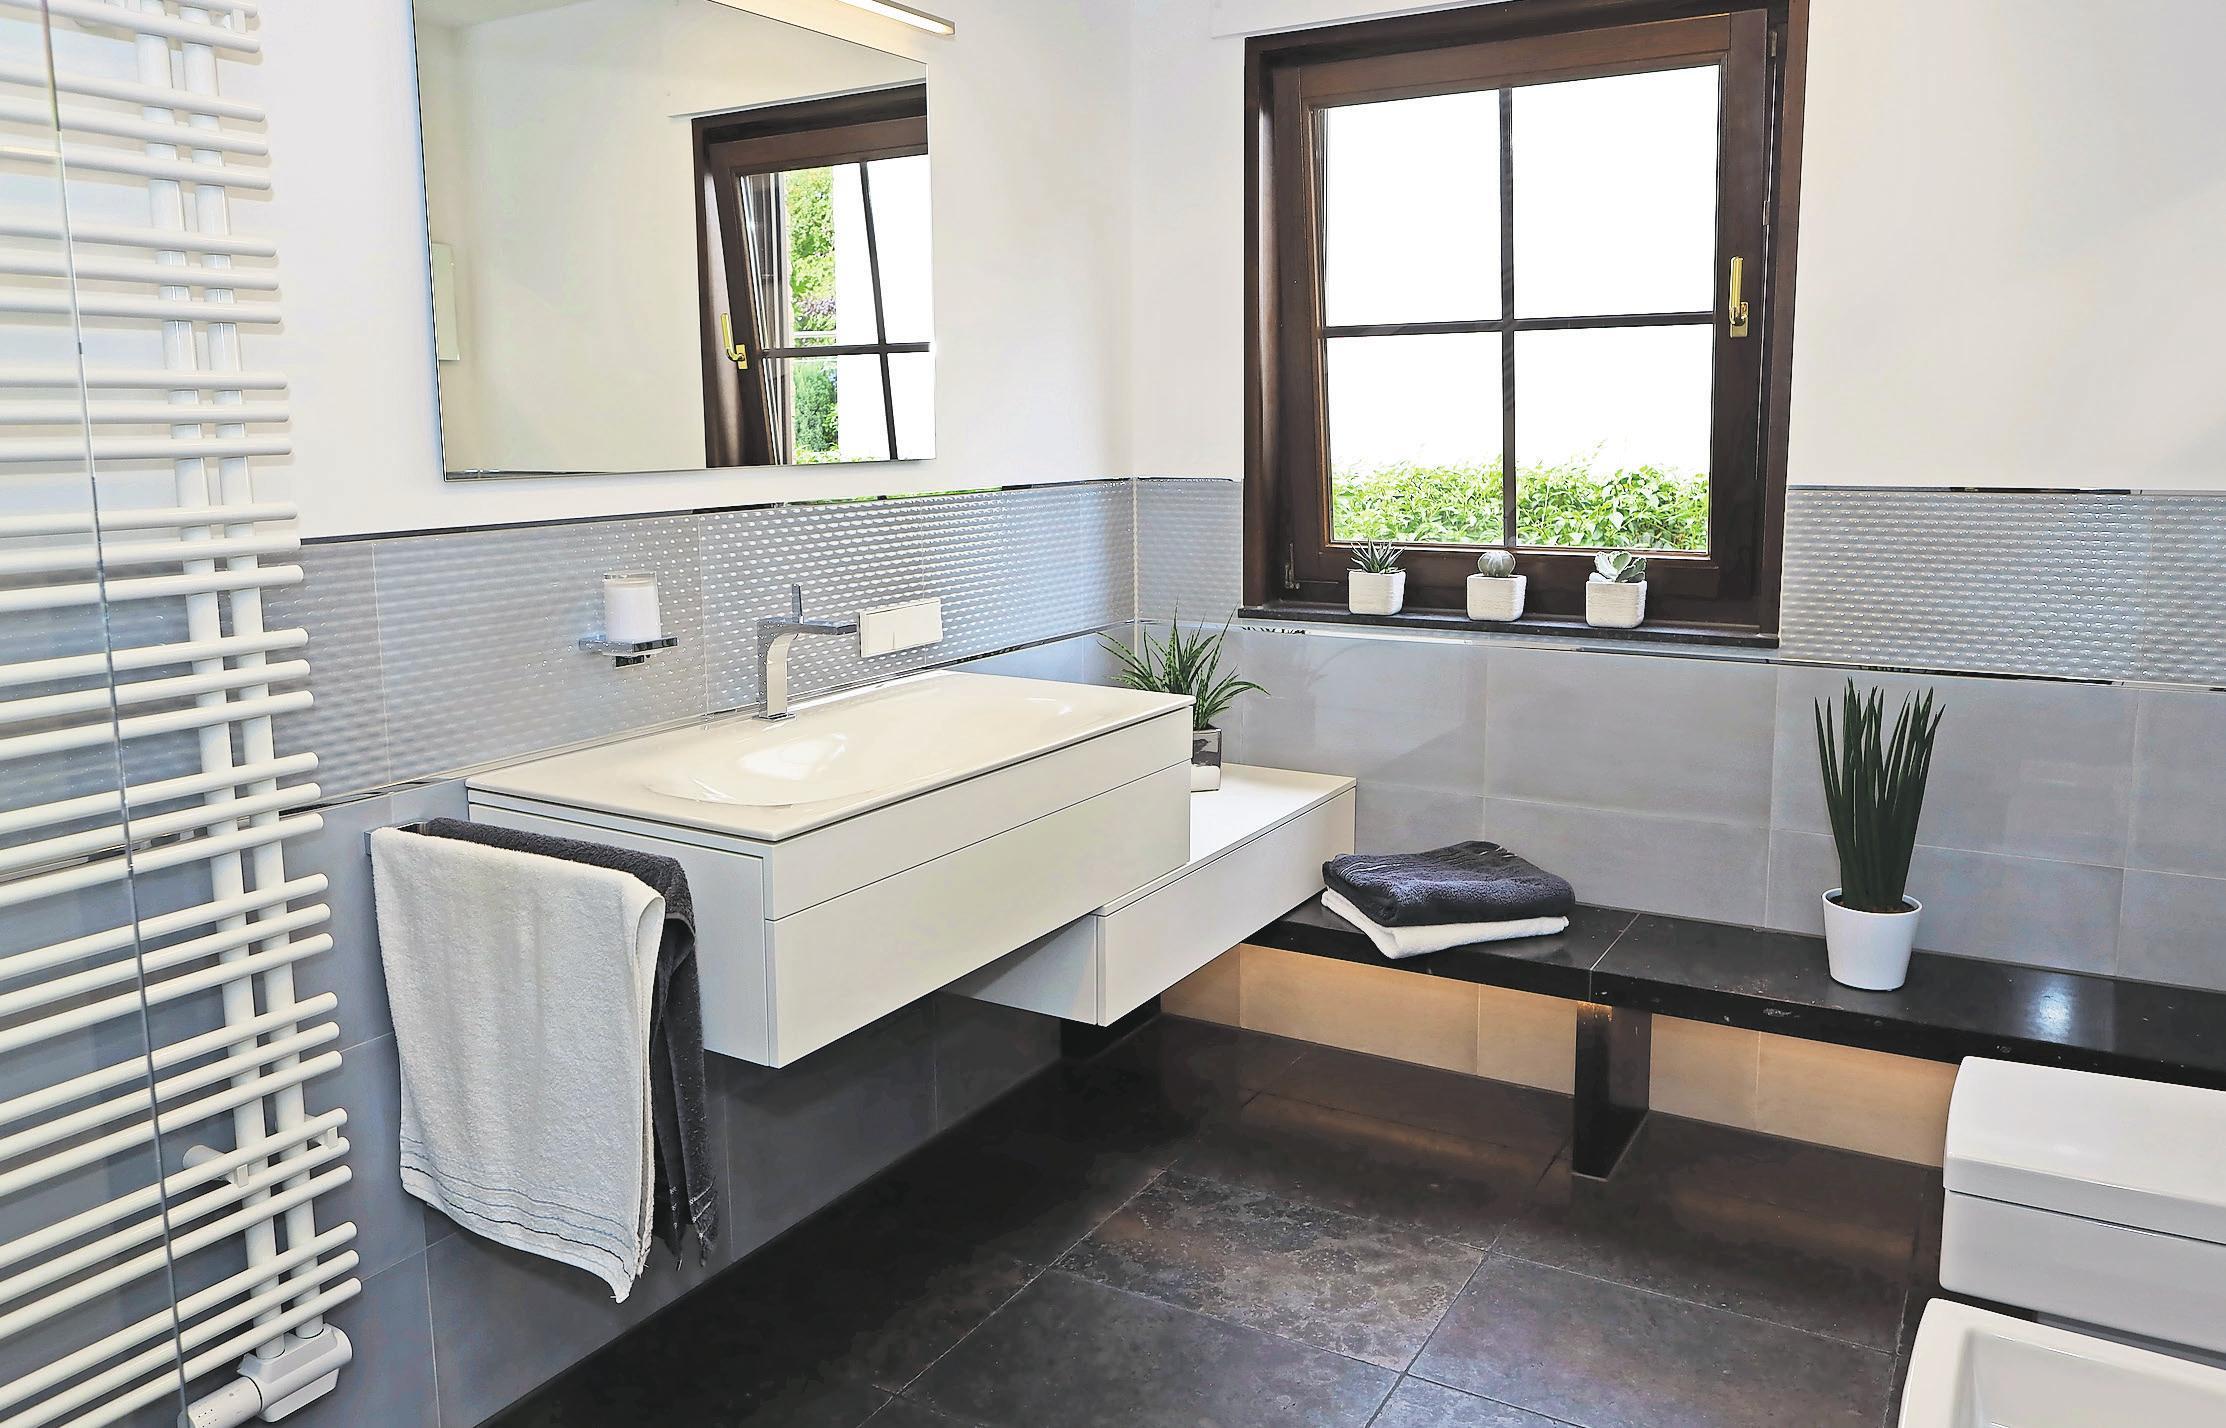 Besondere Details machen das Bad einzigartig, zum Beispiel der Schrank, der millimetergenau auf der Bank aufliegt.